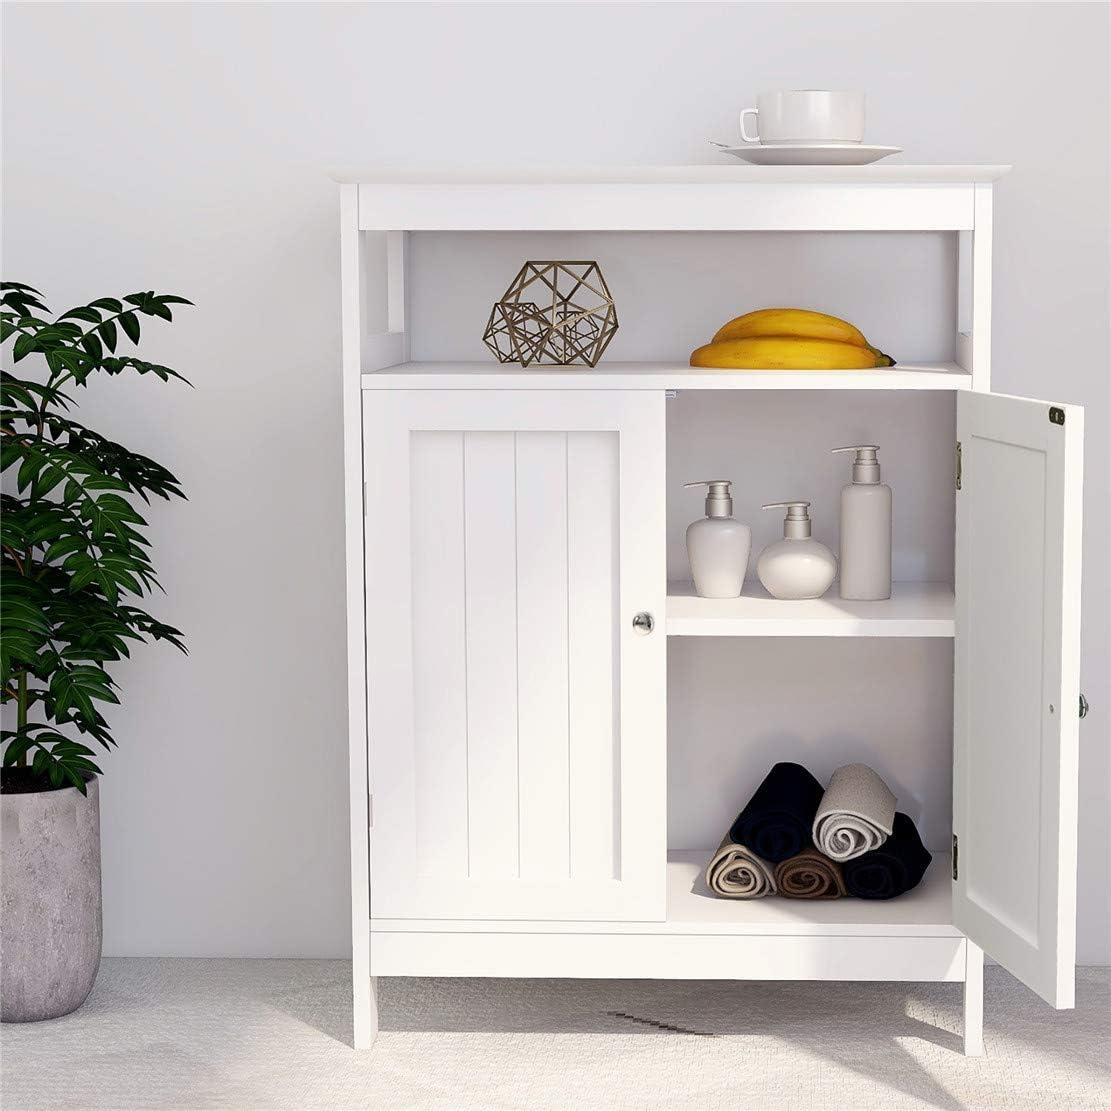 """23.62 """"X 11.81"""" X 31.49 """" inch Sideboard, Kitchen Storage Cabinet, Bathroom Cabinet, Multi-Function Storage Cabinet (White)"""